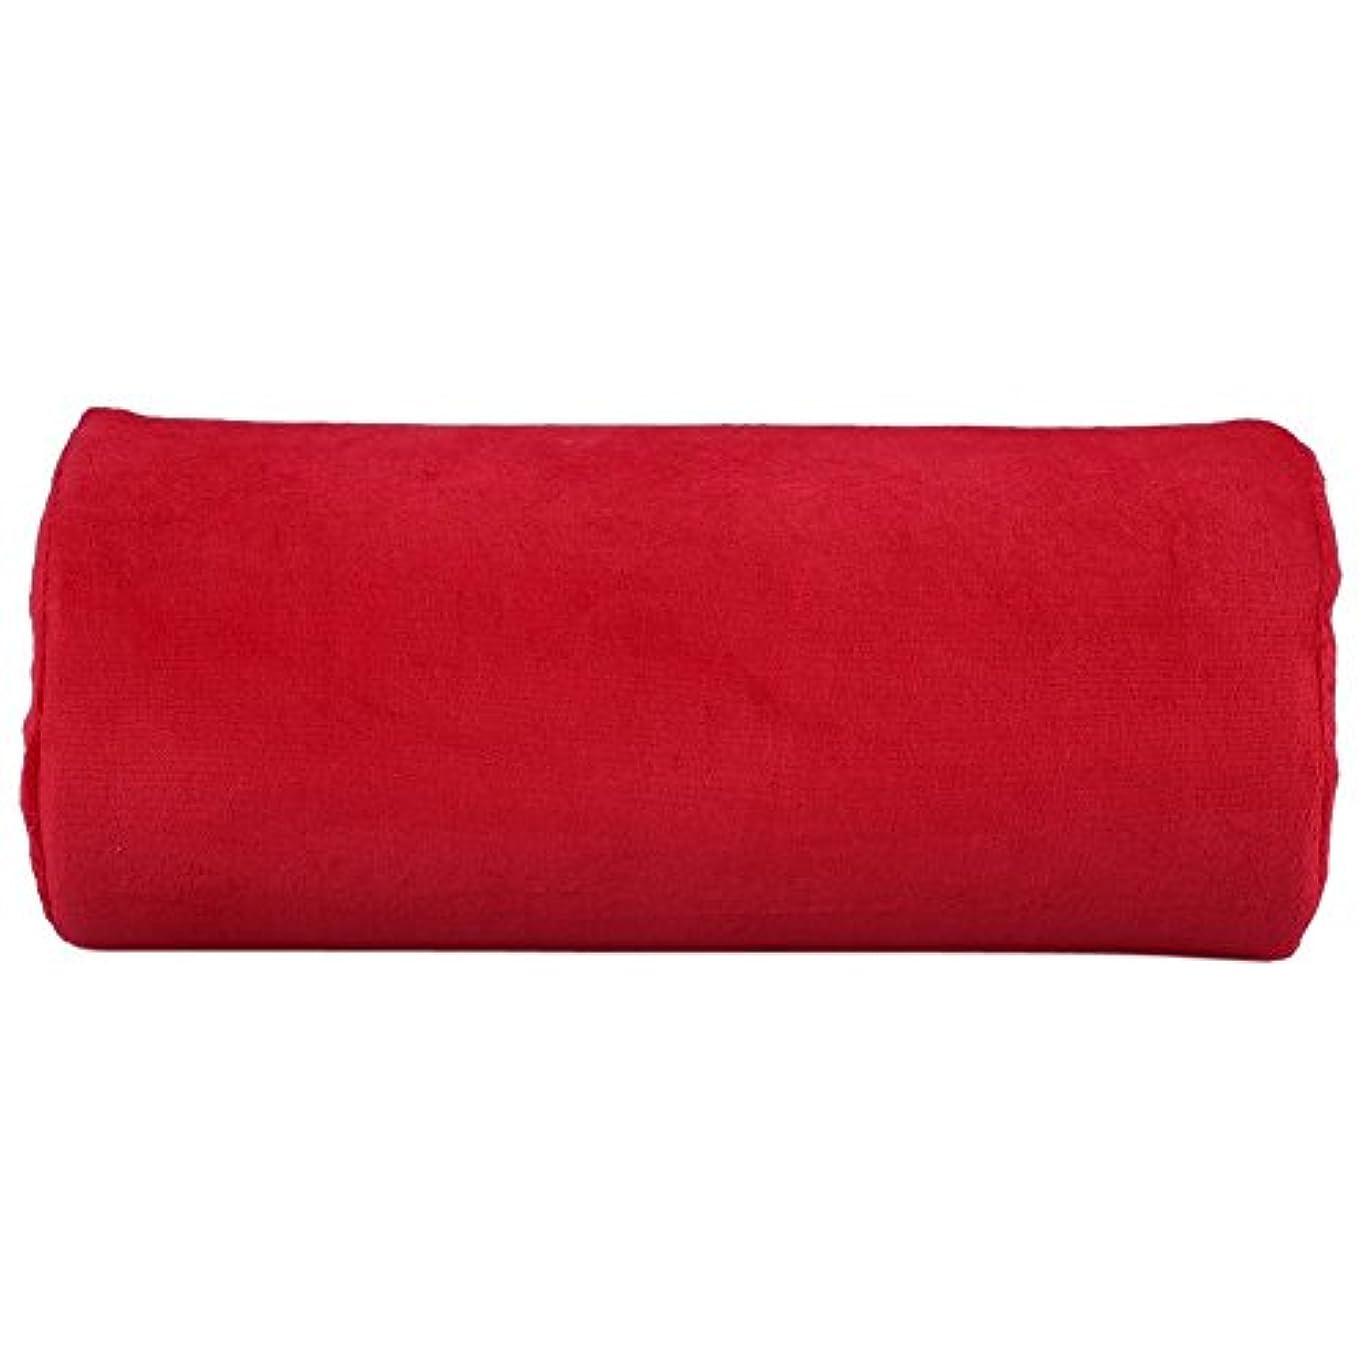 チャネルハブ購入サロンハンドレストクッション、ネイルアートソフトピロー(赤), パーソナルハンドレストクッションネイルアートぬいぐるみ枕取り外し可能なマニキュアメイクツールレッド